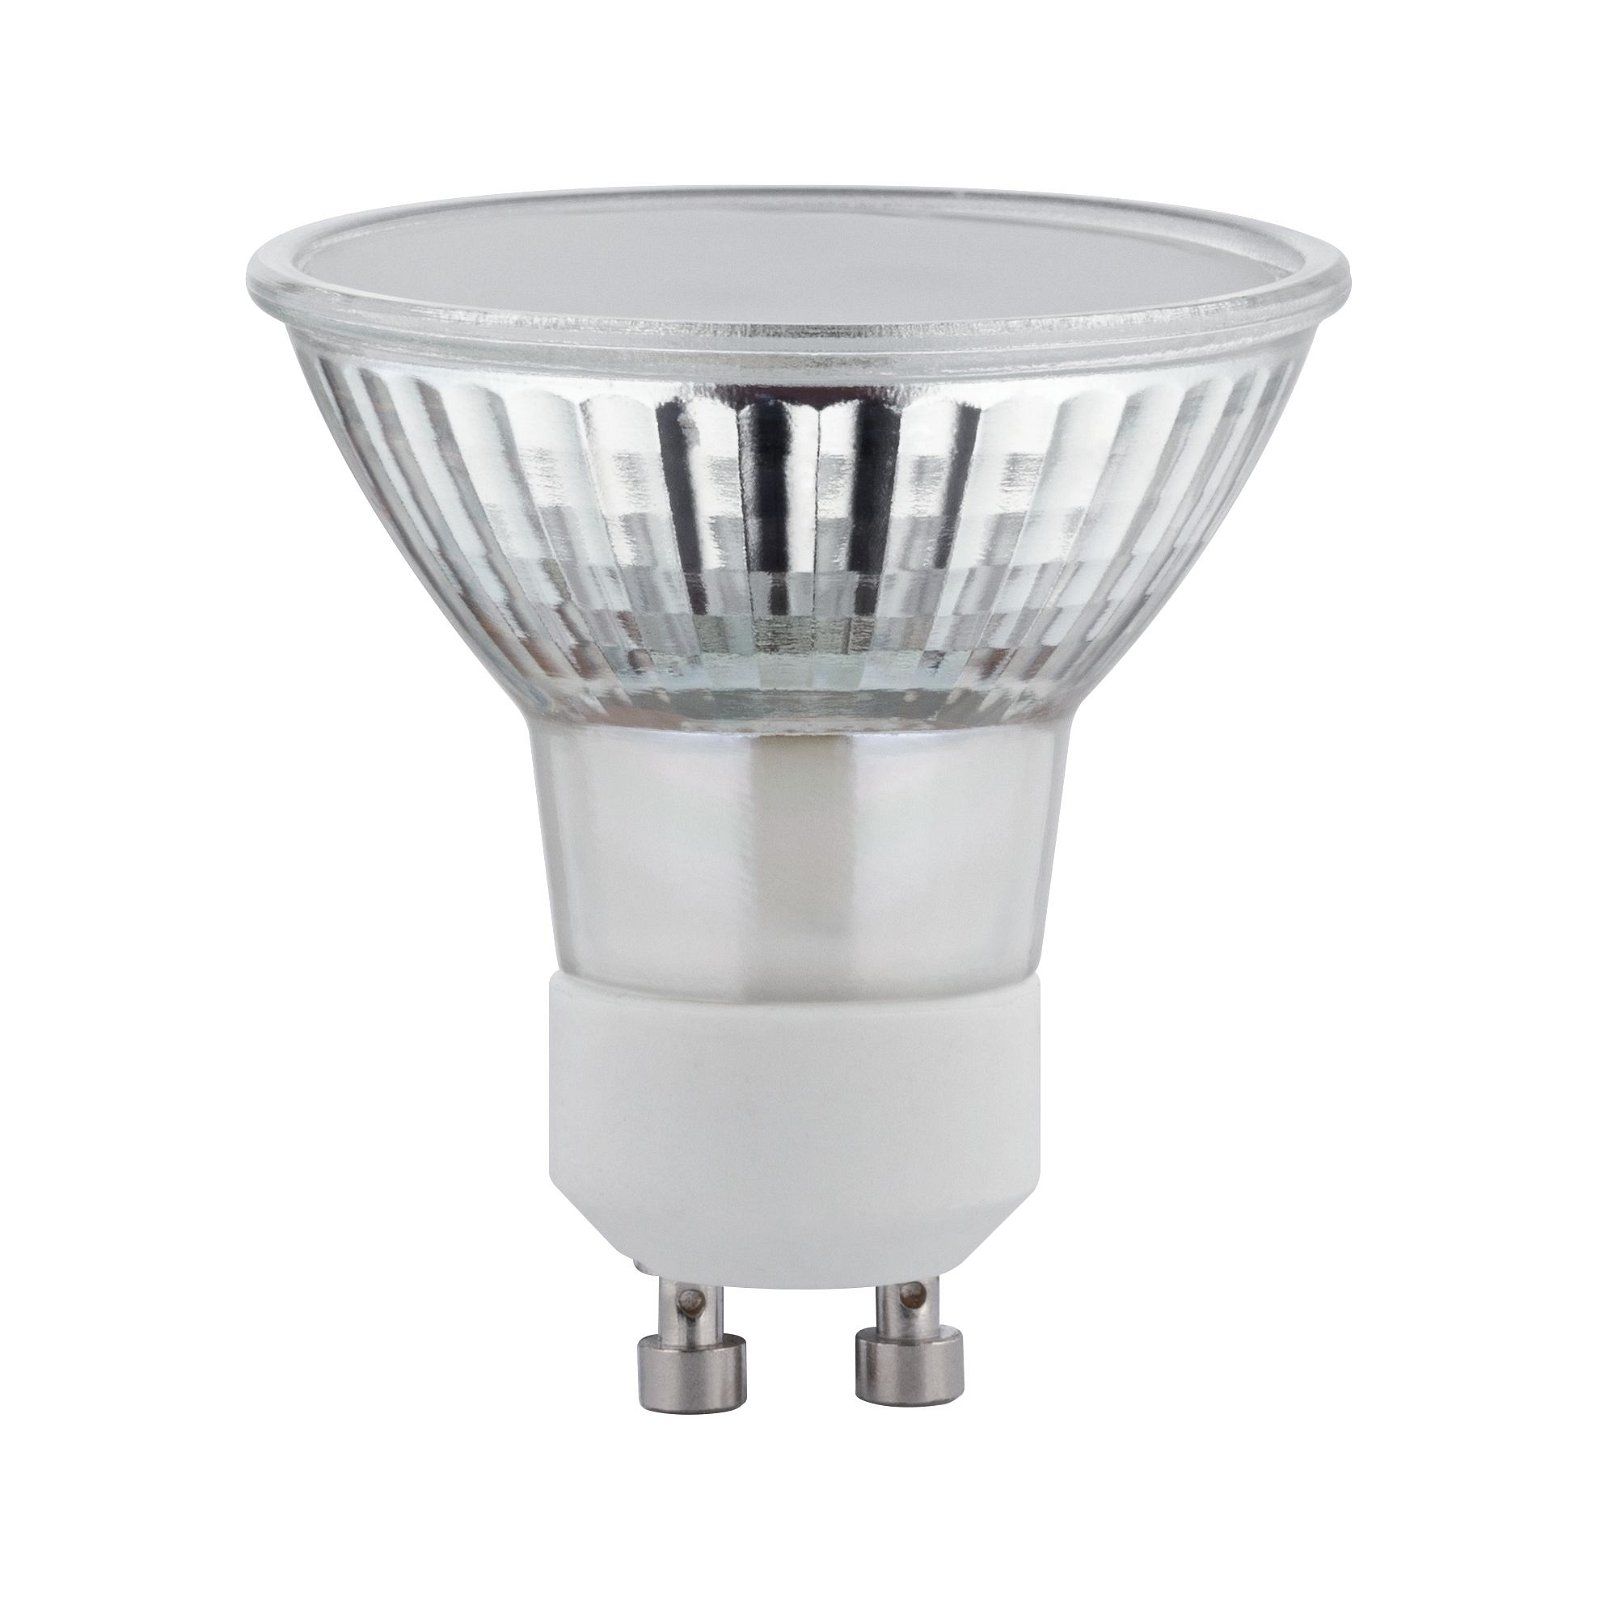 Grow Green Edition Réflecteur LED GU10 230V 65lm 3,5W 1100K Pousse-plante